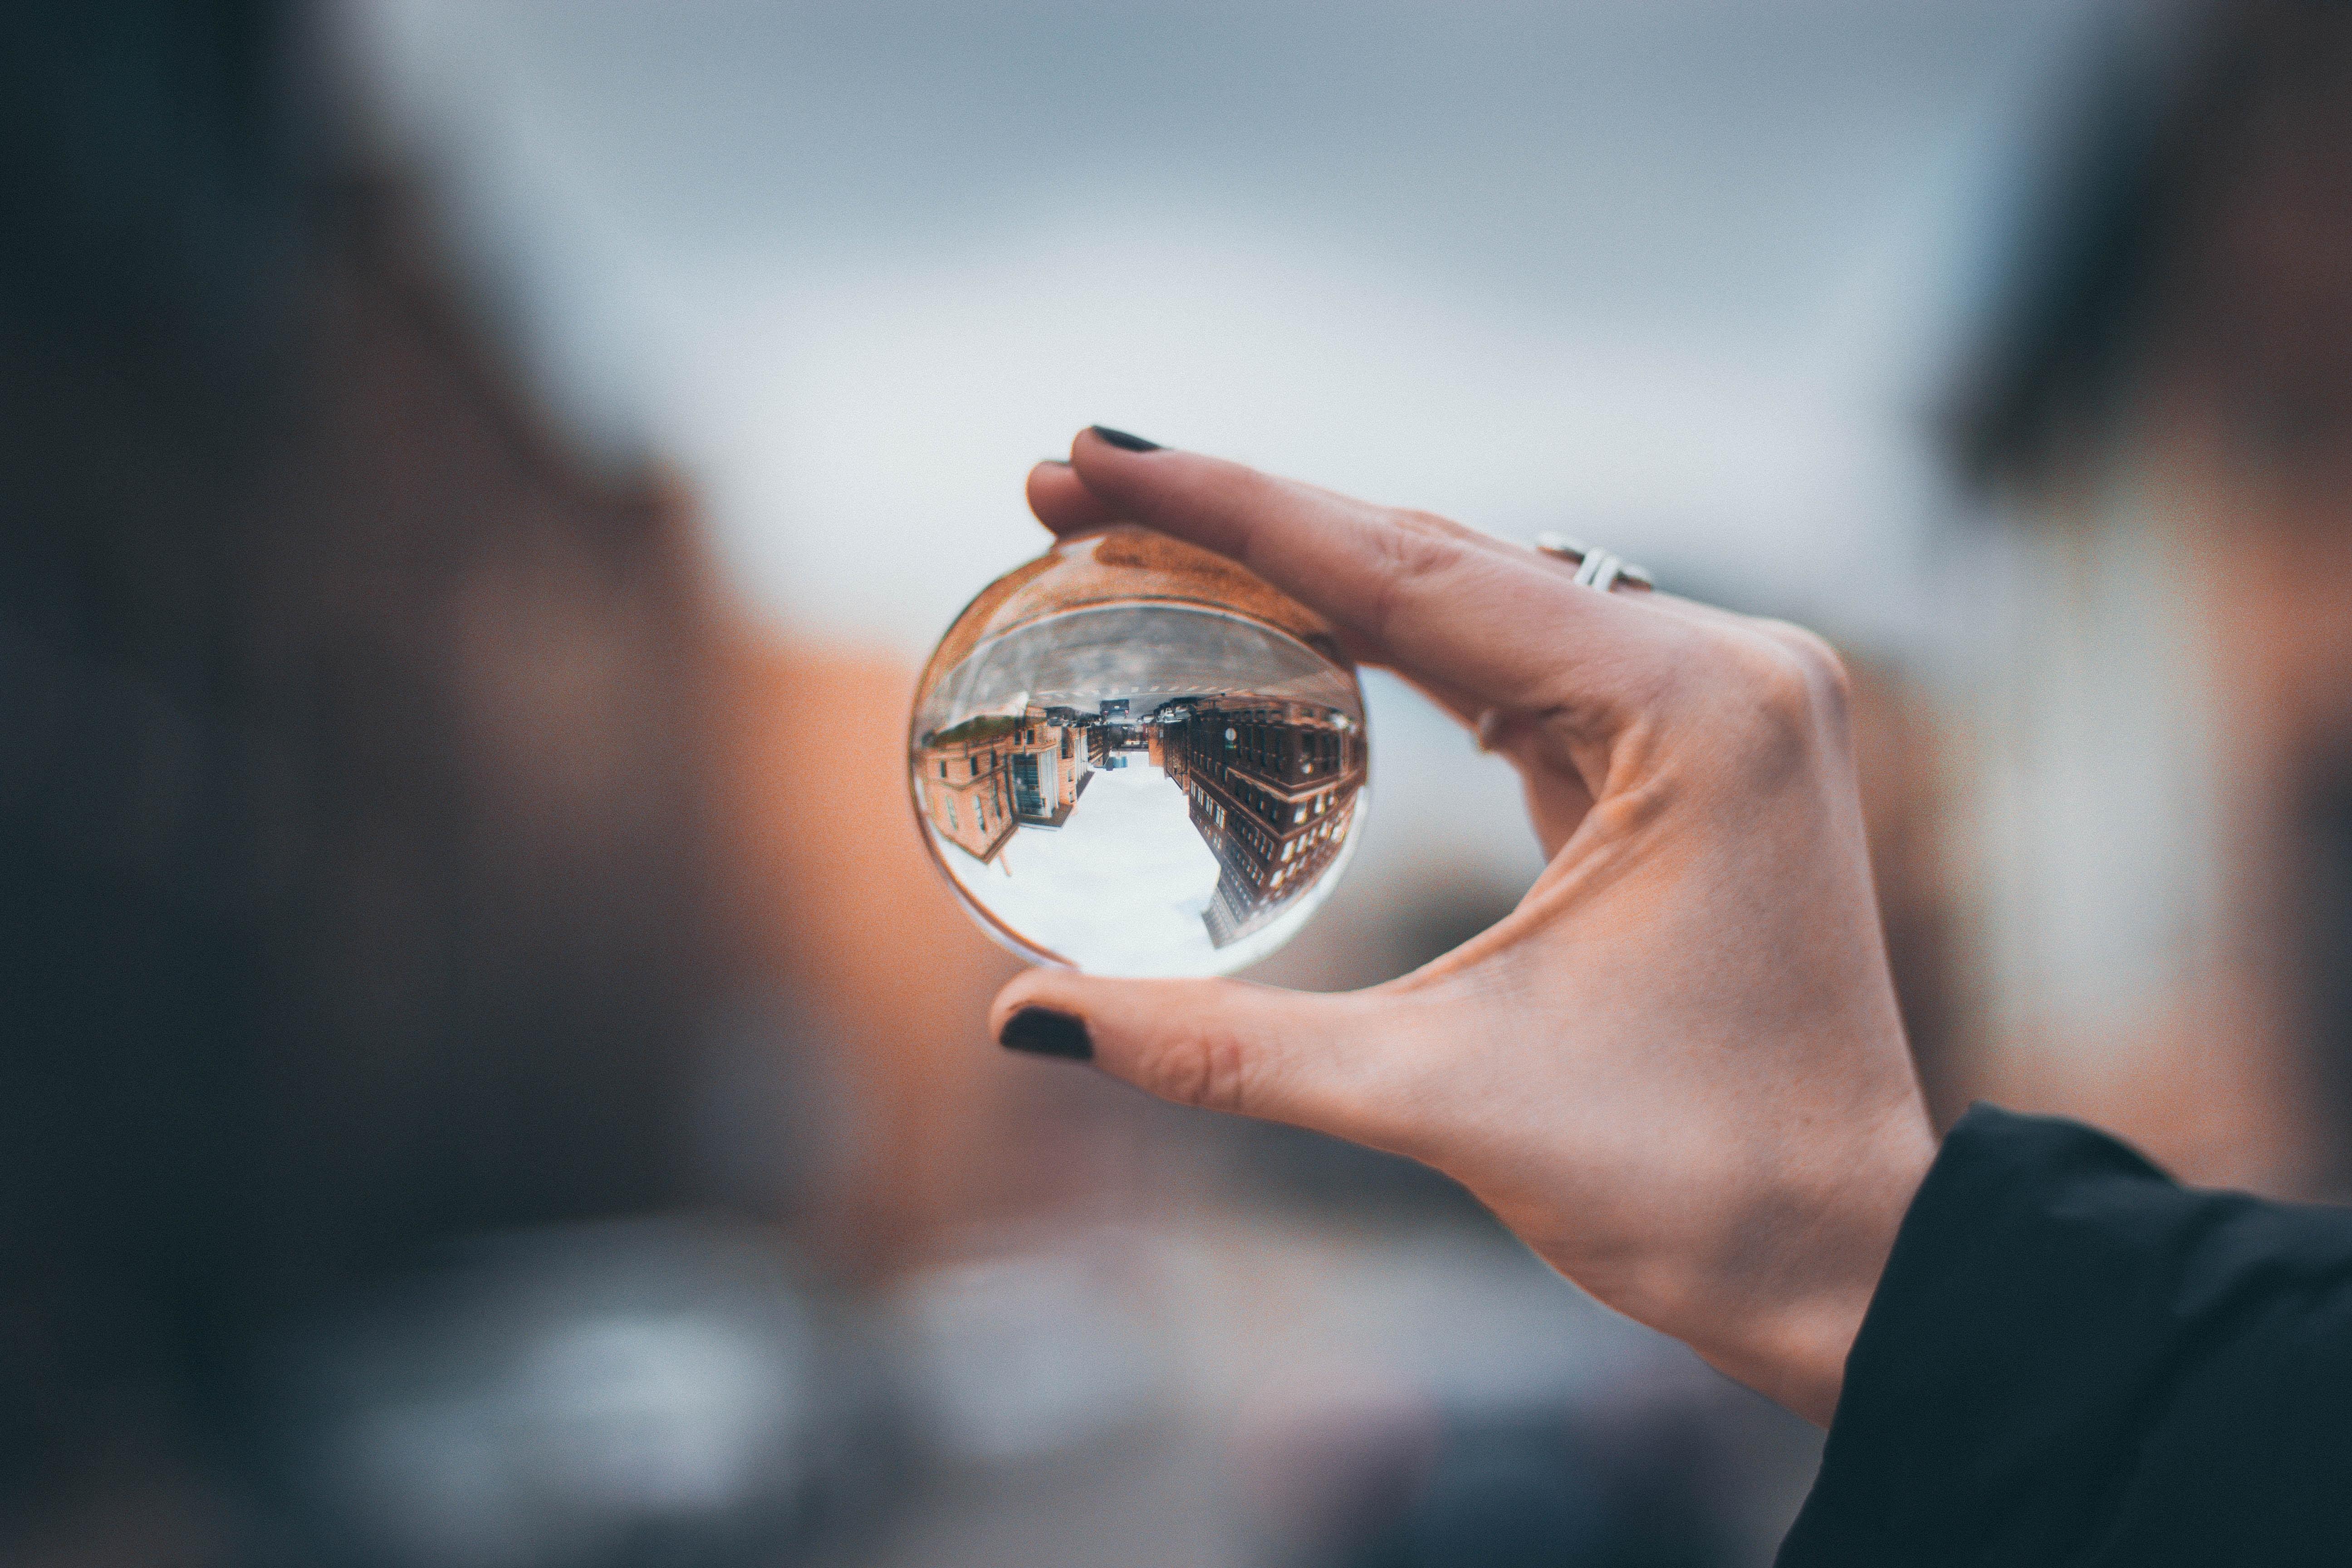 Perspektivenwechsel - dreh die Welt auf den Kopf!